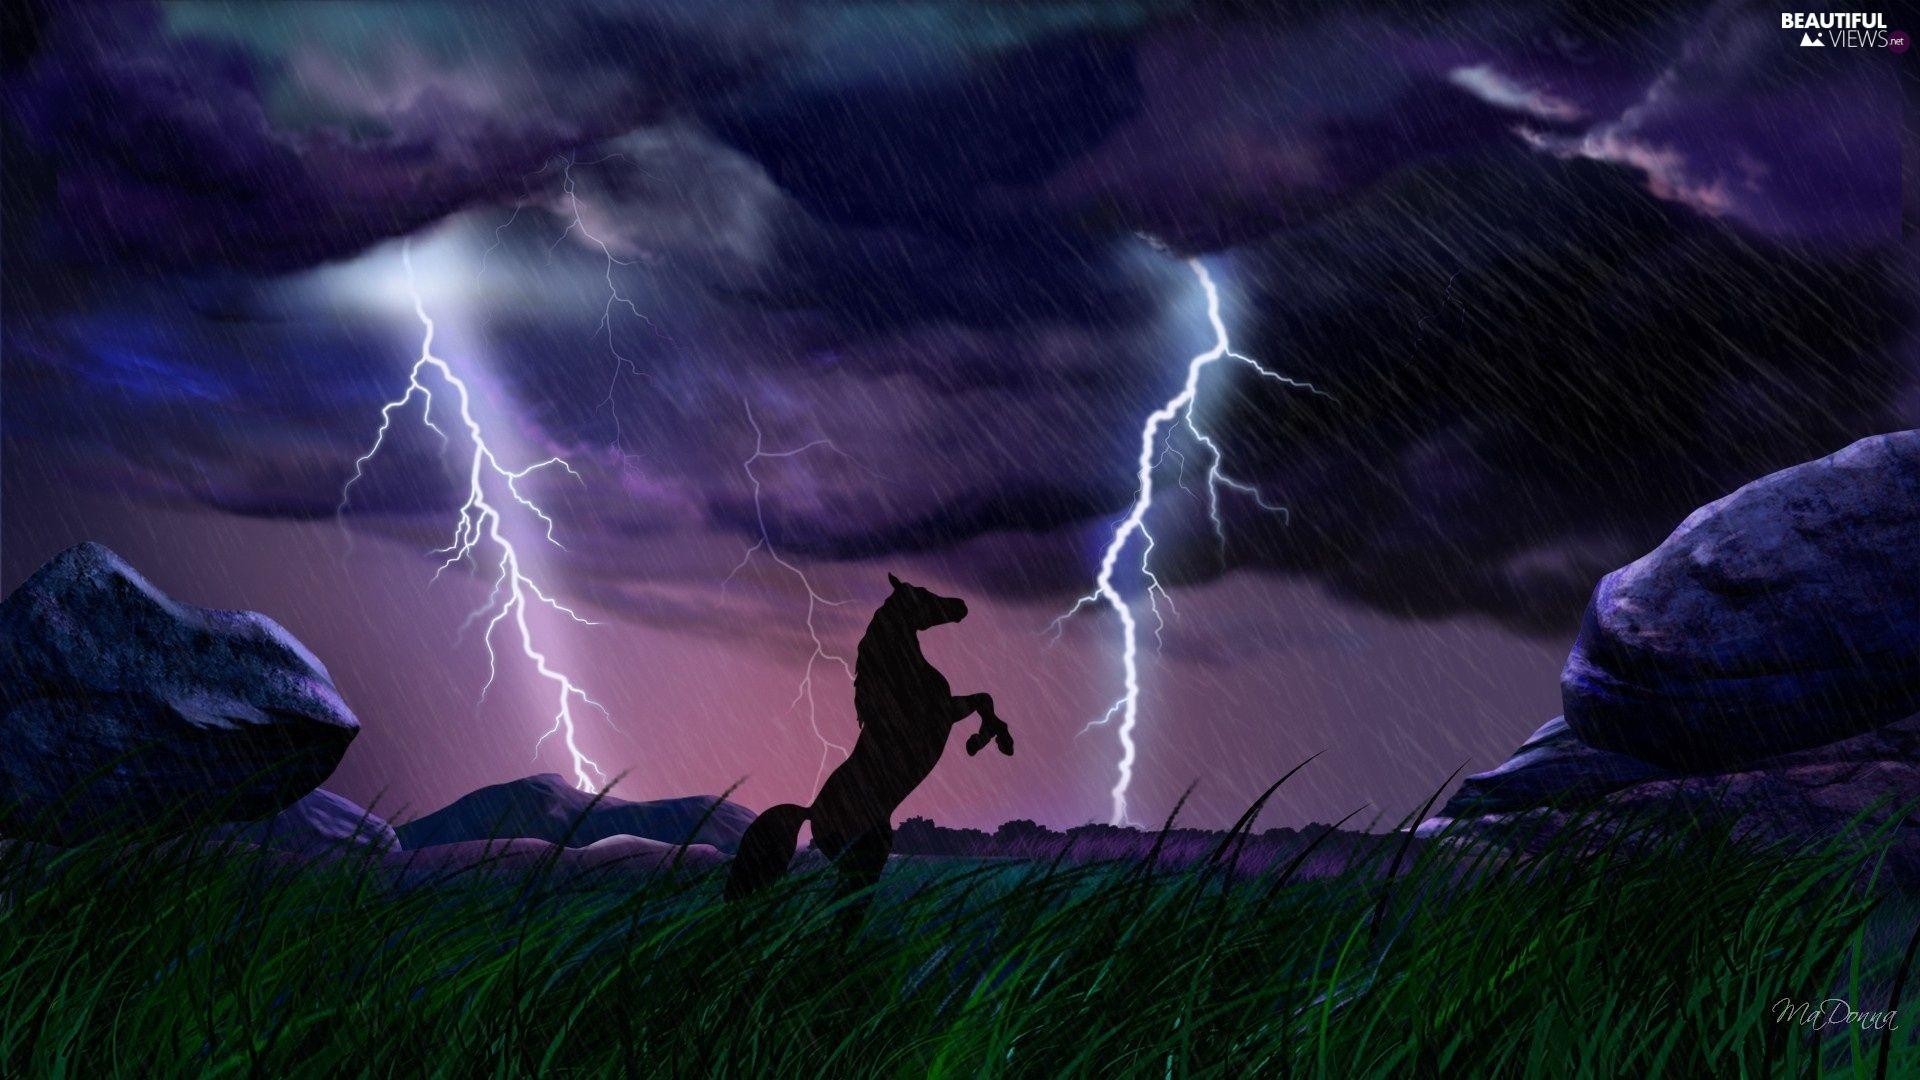 Download Wallpaper Horse Lightning - 8b0eebe74df6b3d67760548859f68128  Image_84616.jpg